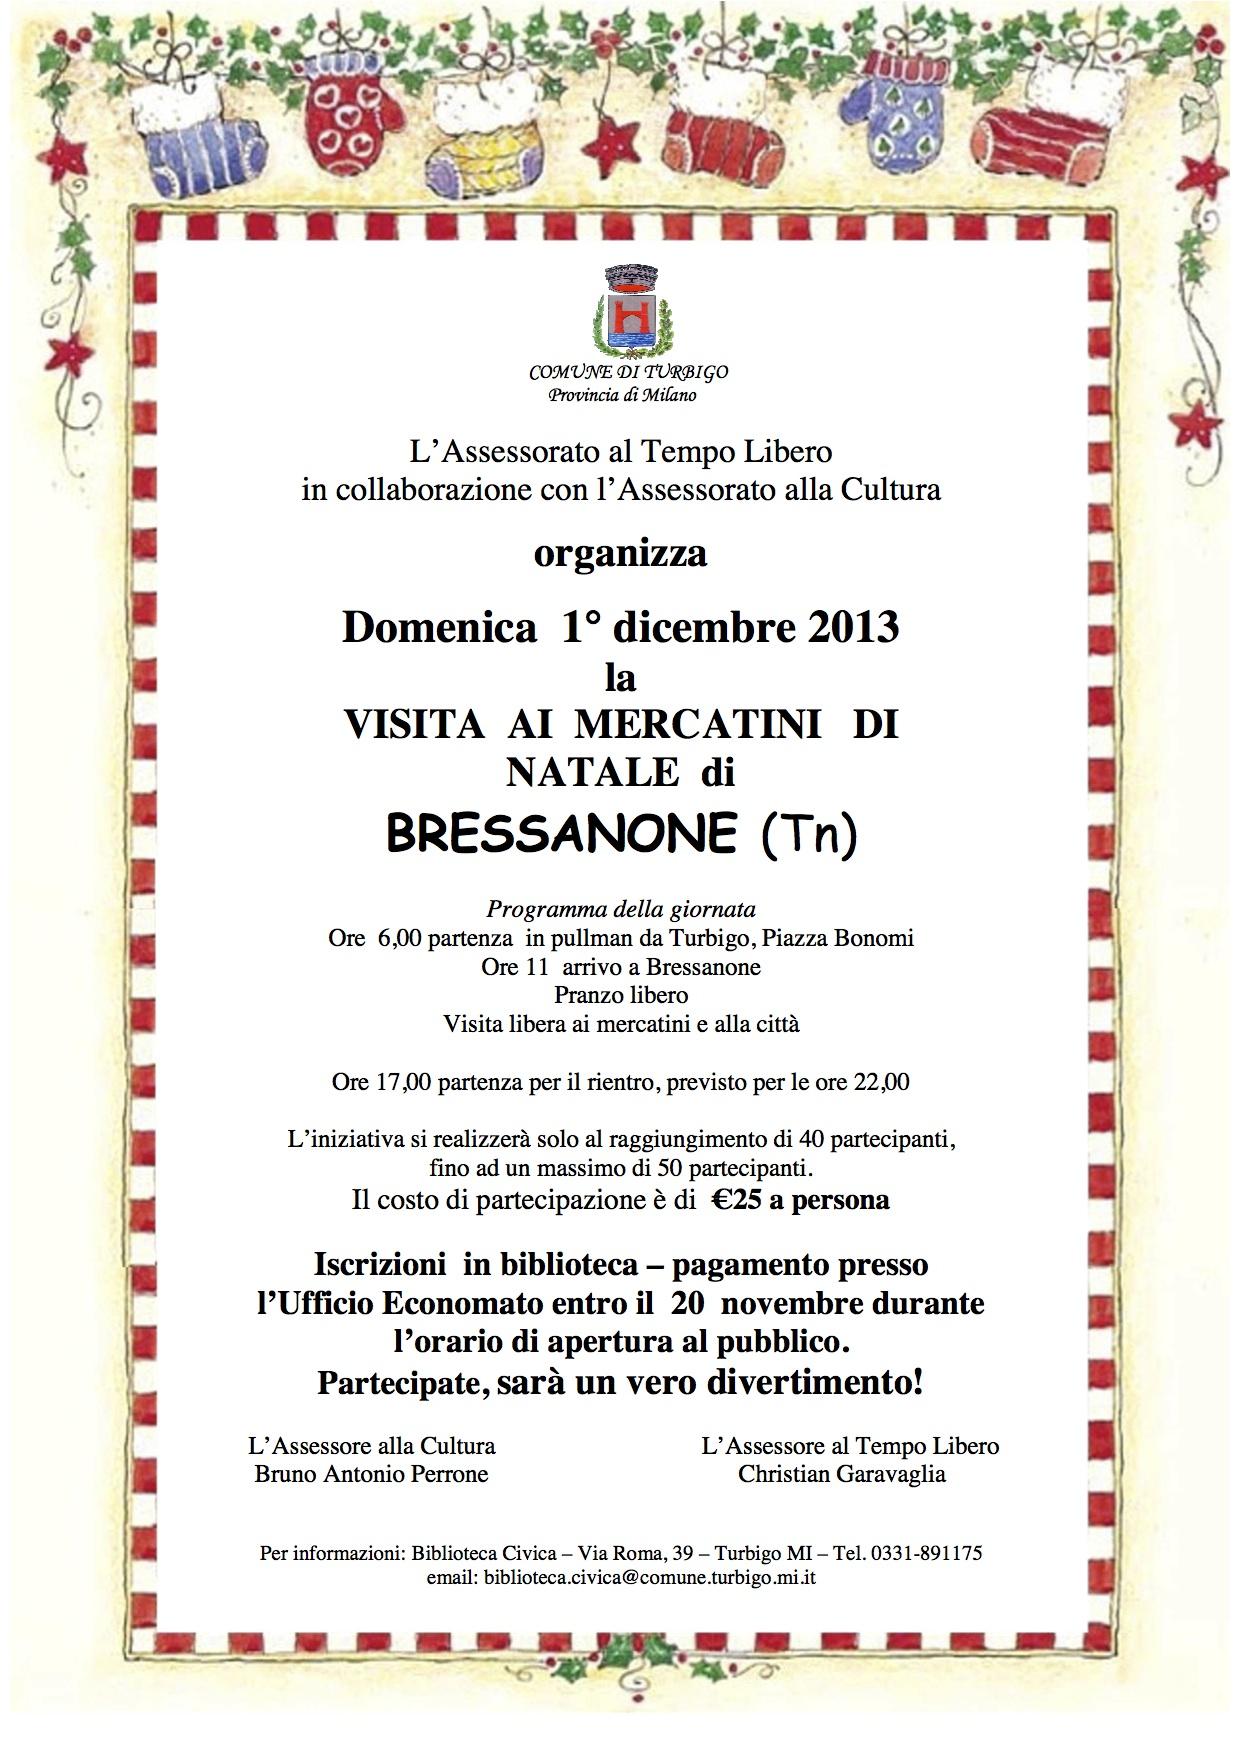 Mercatini di natale di bressanone pro loco turbigo for Dormire a bressanone